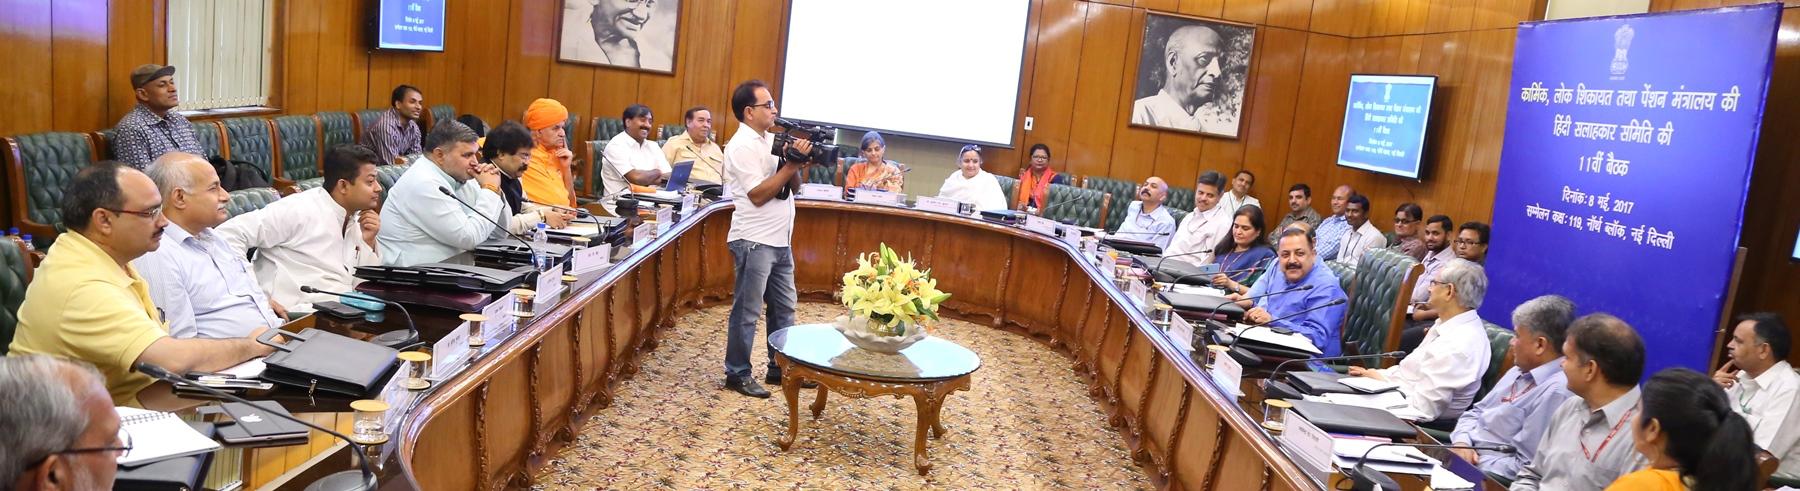 ग्यारहवीं हिंदी सलाहकार समिति की बैठक दिनांक 8.5.17 को कार्मिक एवं प्रशिक्षण विभाग में माननीय राज्य मंत्री कार्मिक की अध्यक्षता में सम्पन्न हुई |